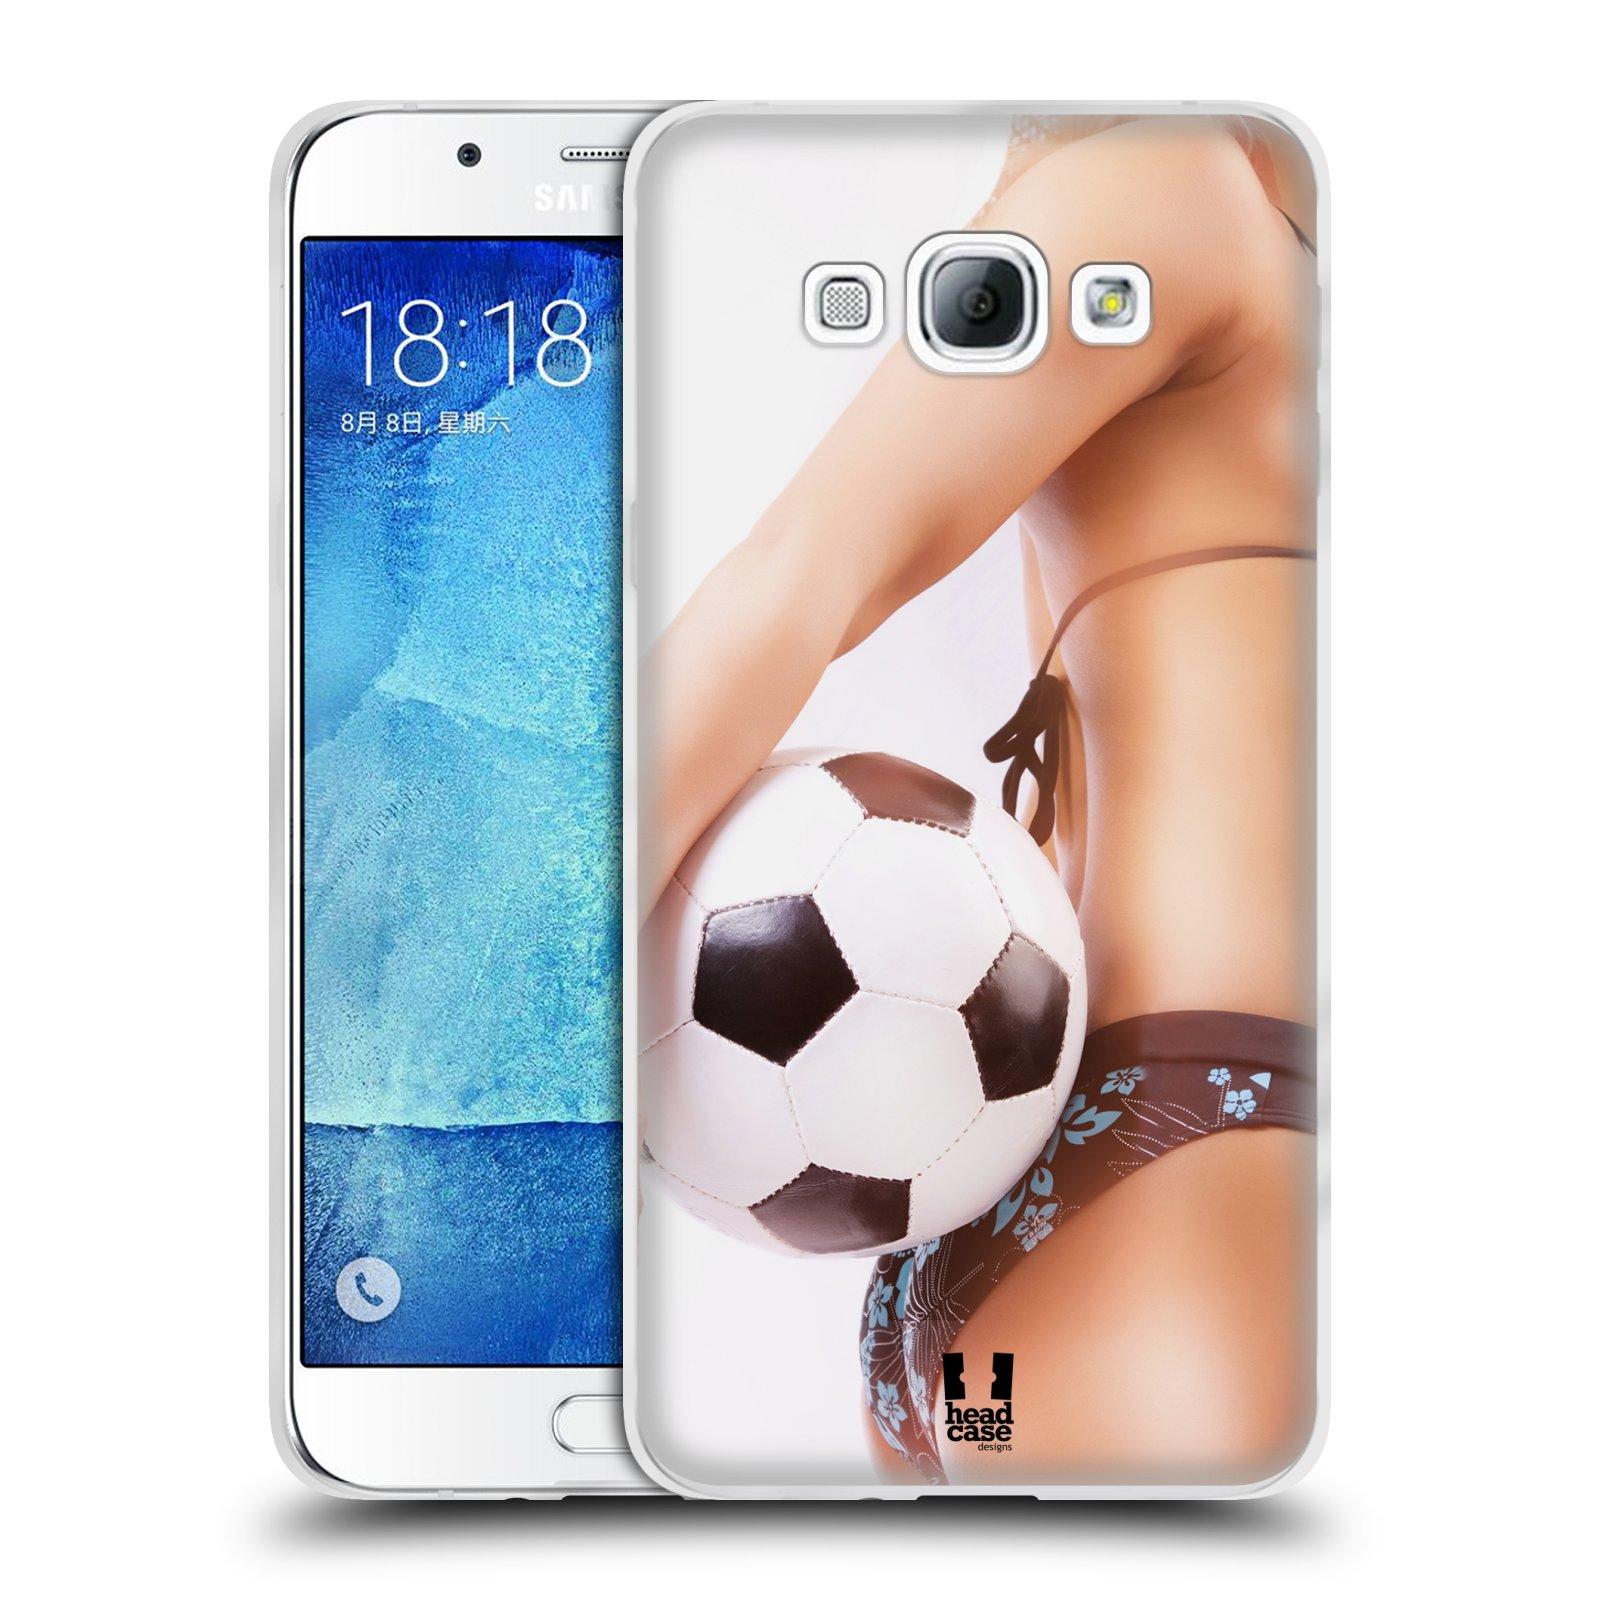 HEAD CASE silikonový obal na mobil Samsung Galaxy A8 vzor Fotbalové modelky KOPACÍ MÍČ